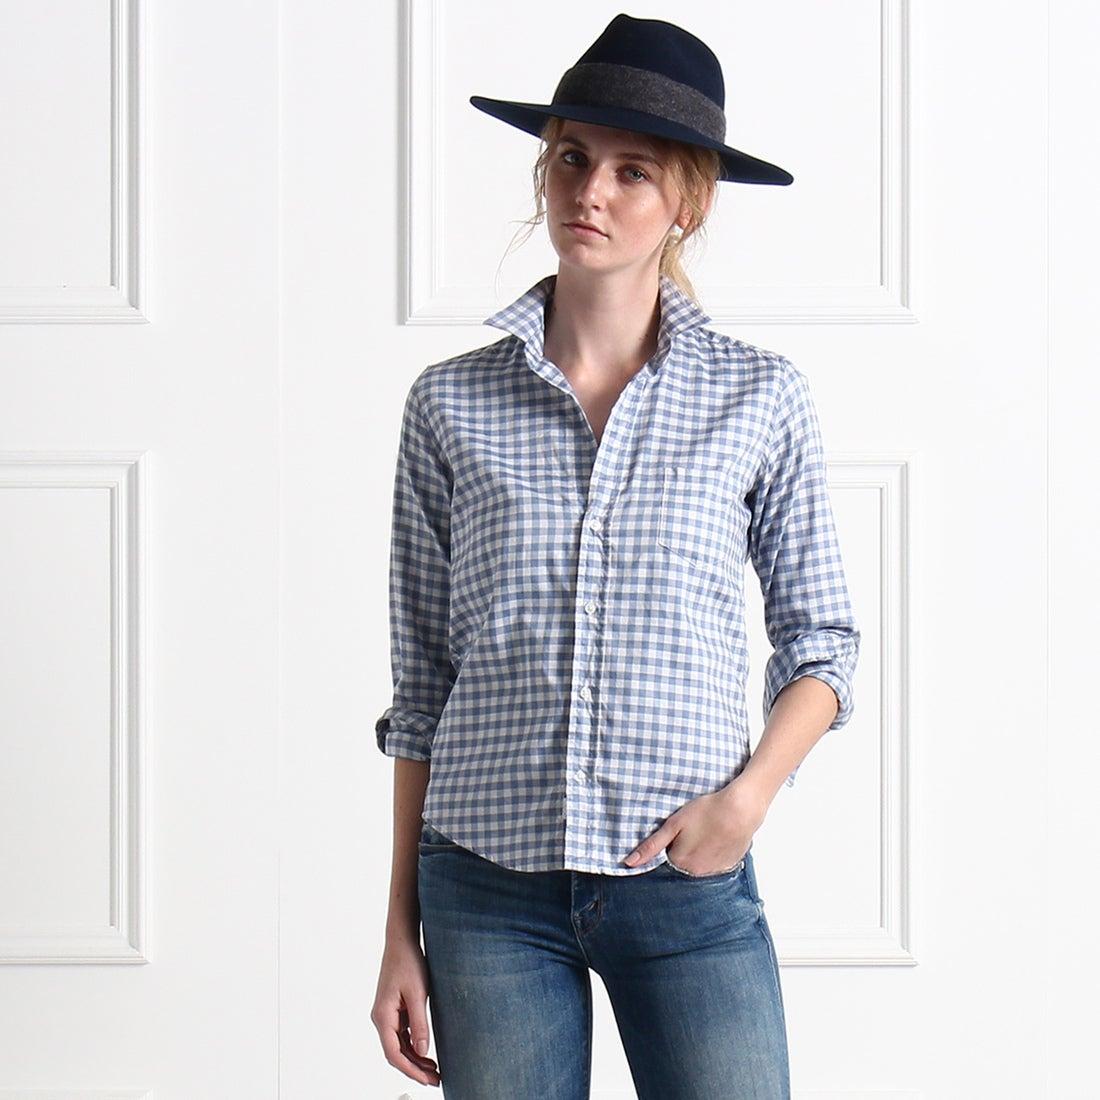 ロコンド 靴とファッションの通販サイトアクアガールaquagirlFrank & Eileenギンガムチェックシャツ(ブルー)